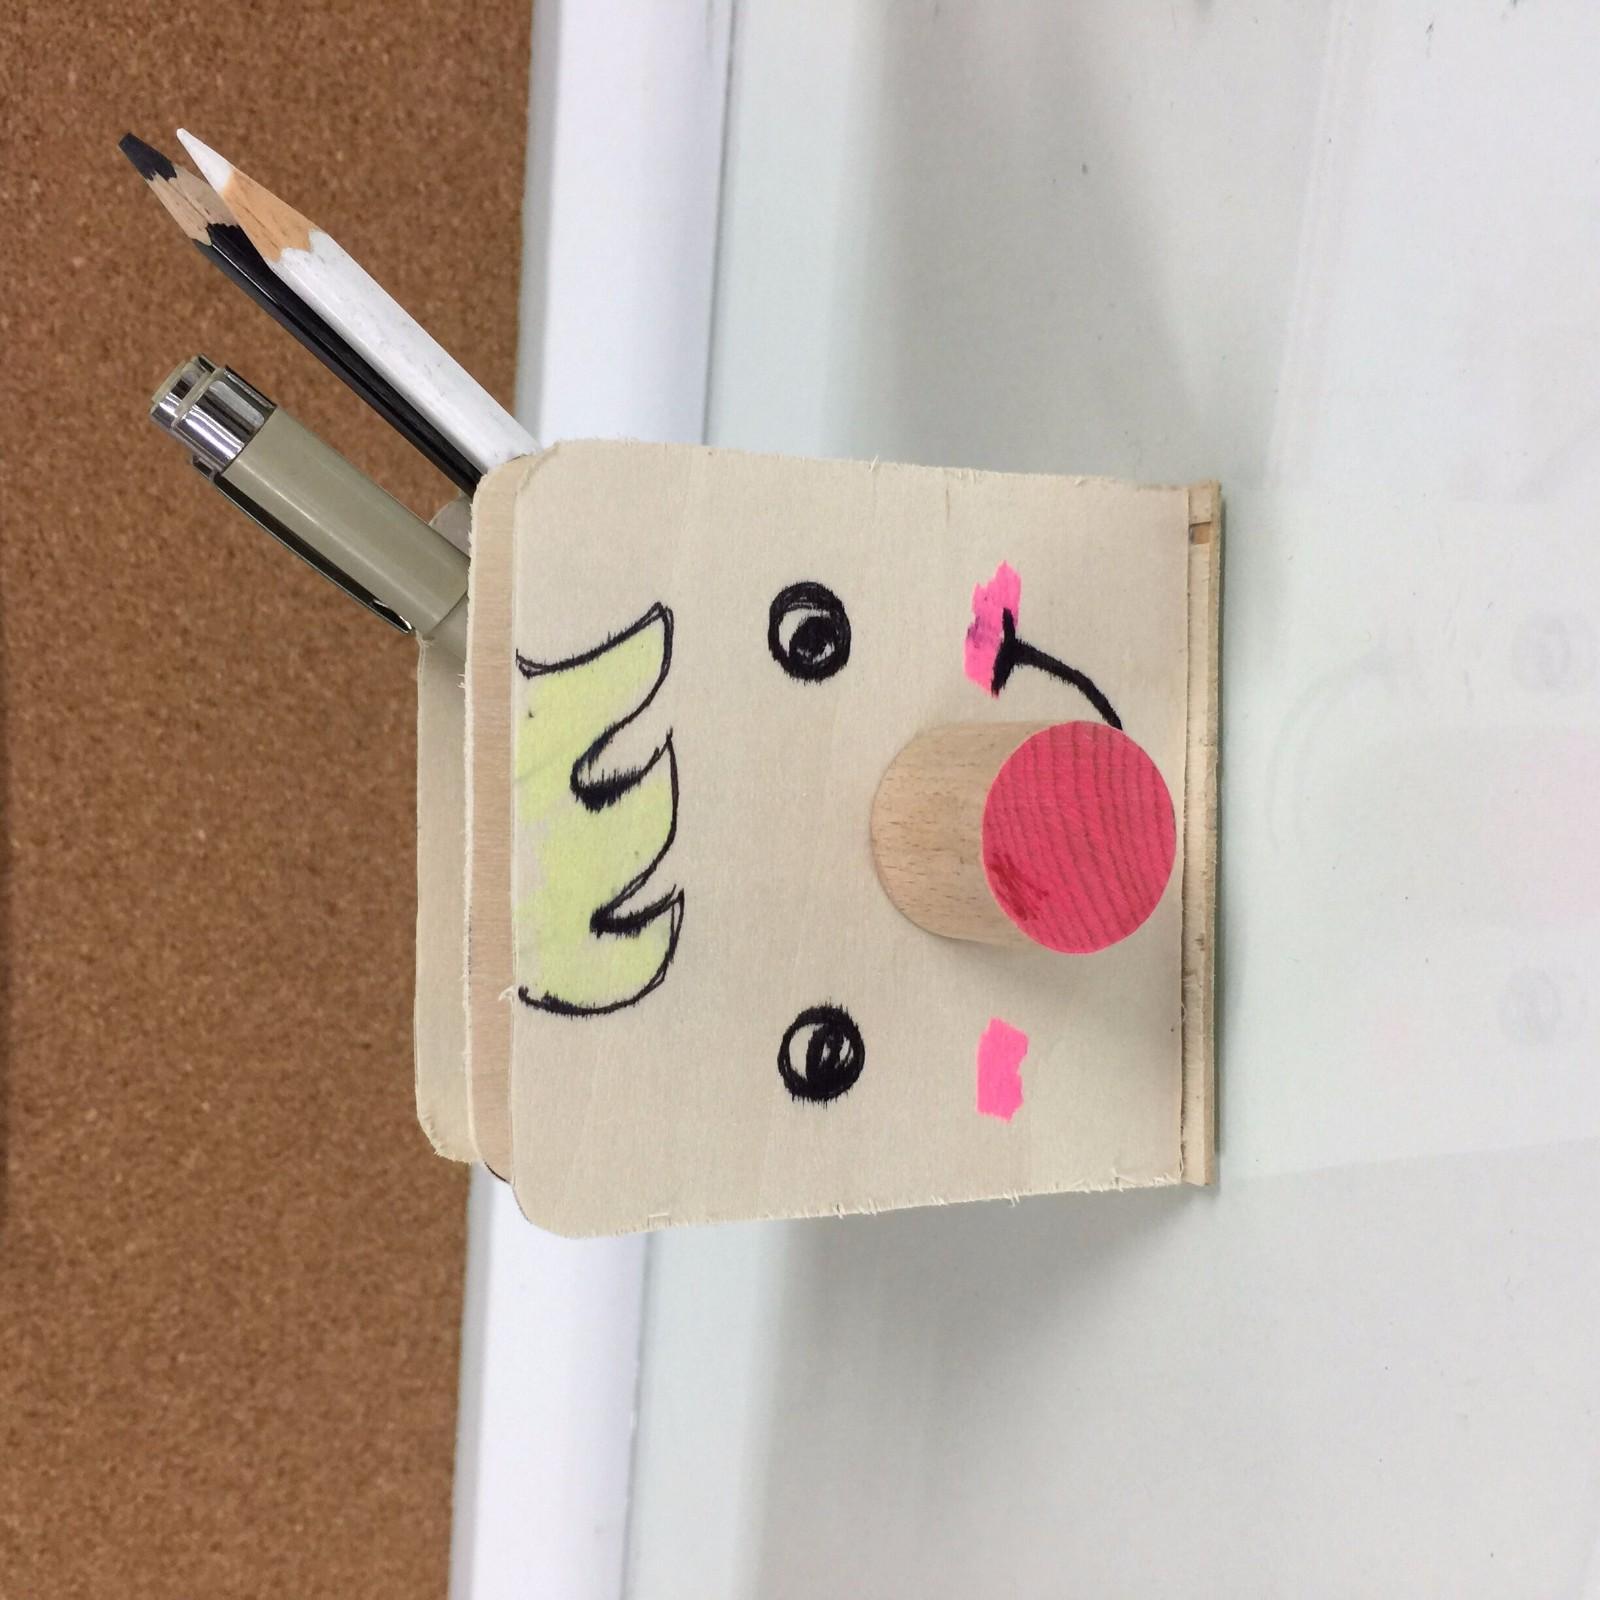 西安碧海银帆教学设备梭哈游戏-亲子系列|亲子系列-西安碧海银帆教学设备梭哈游戏